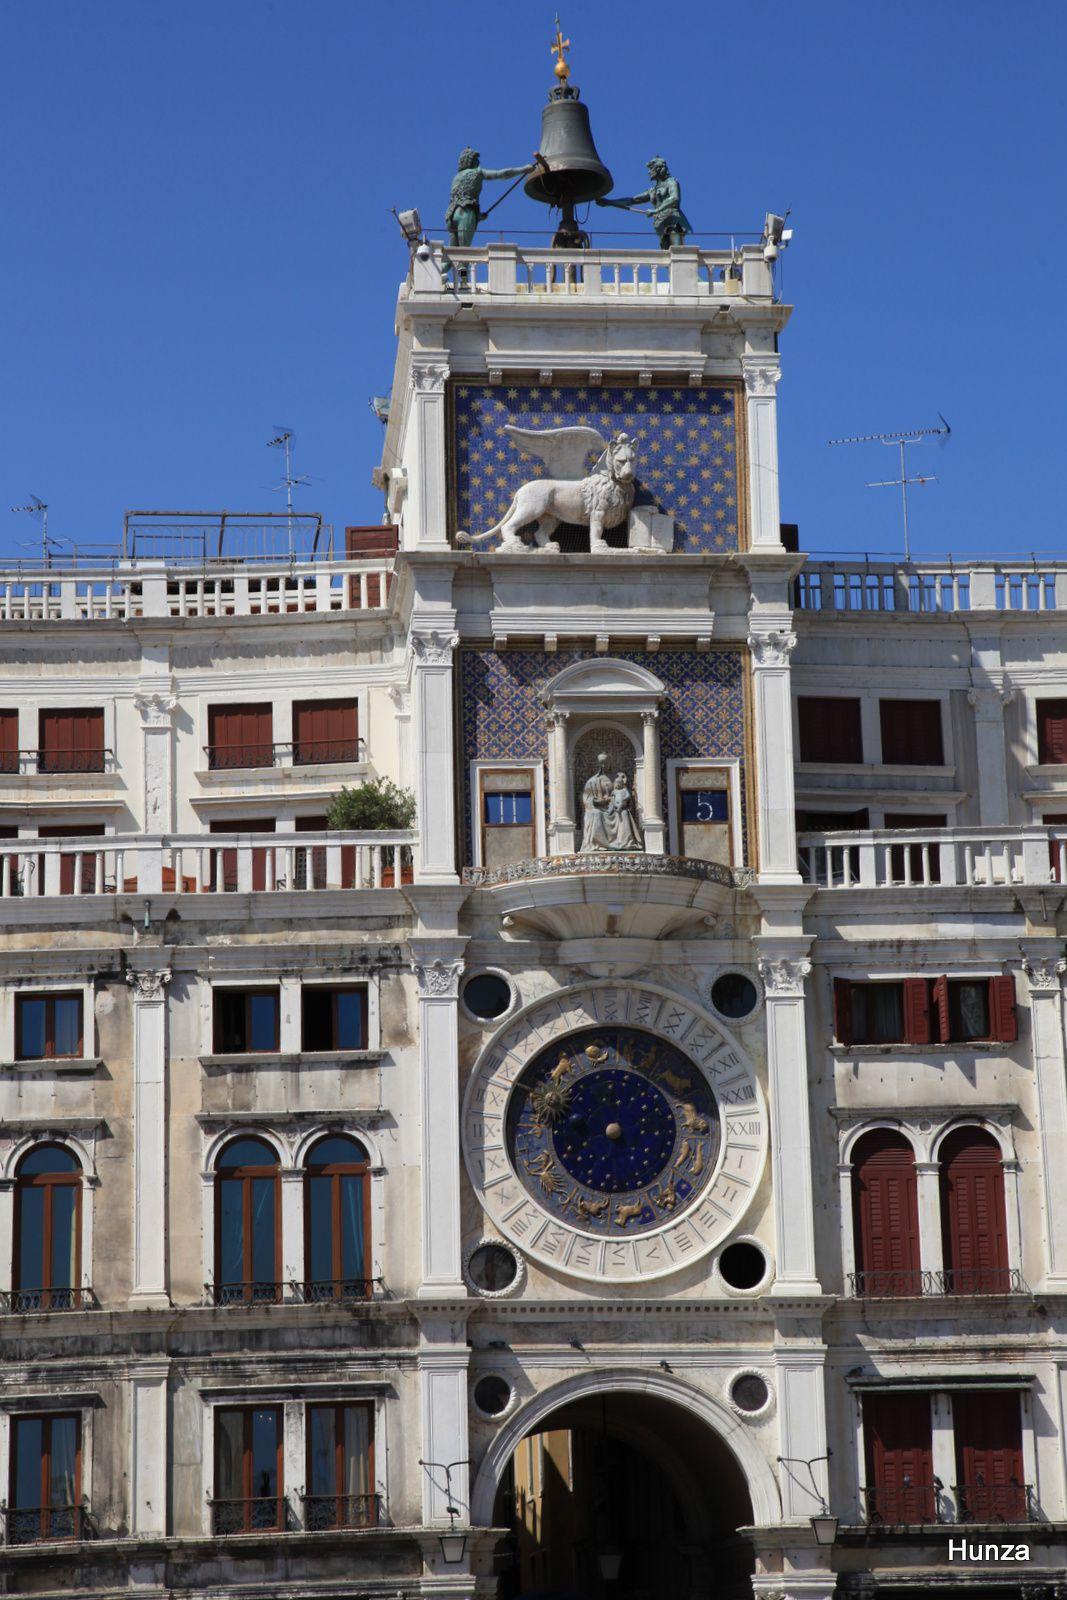 Venise, tour de l'horloge de la place Saint-Marc